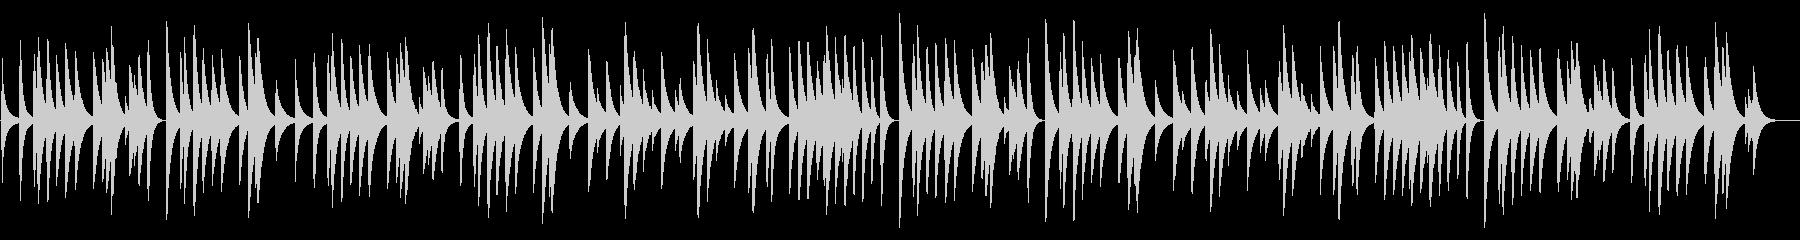 結婚行進曲 18弁オルゴール の未再生の波形